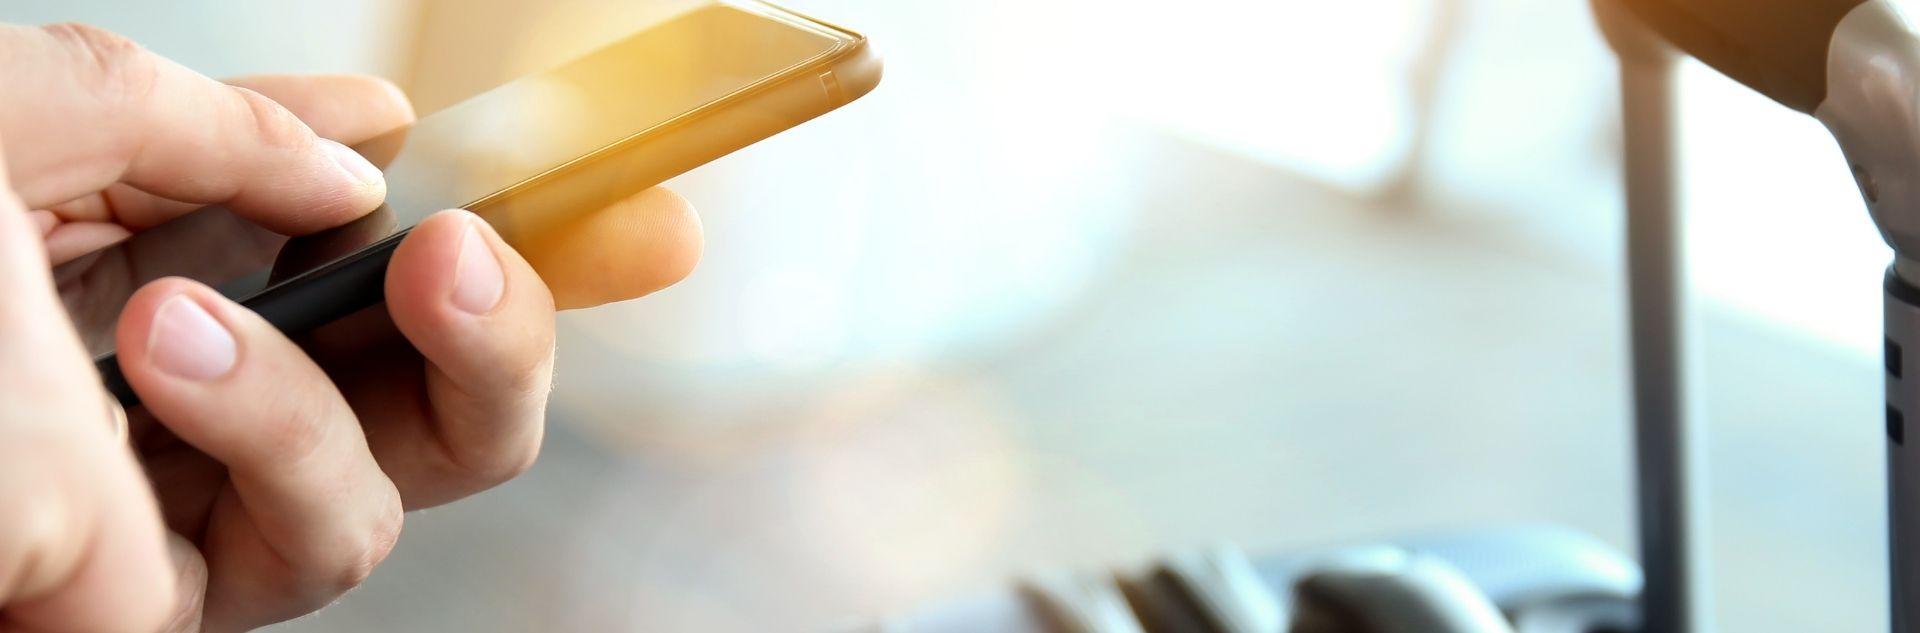 Reisen buchen per Smartphone